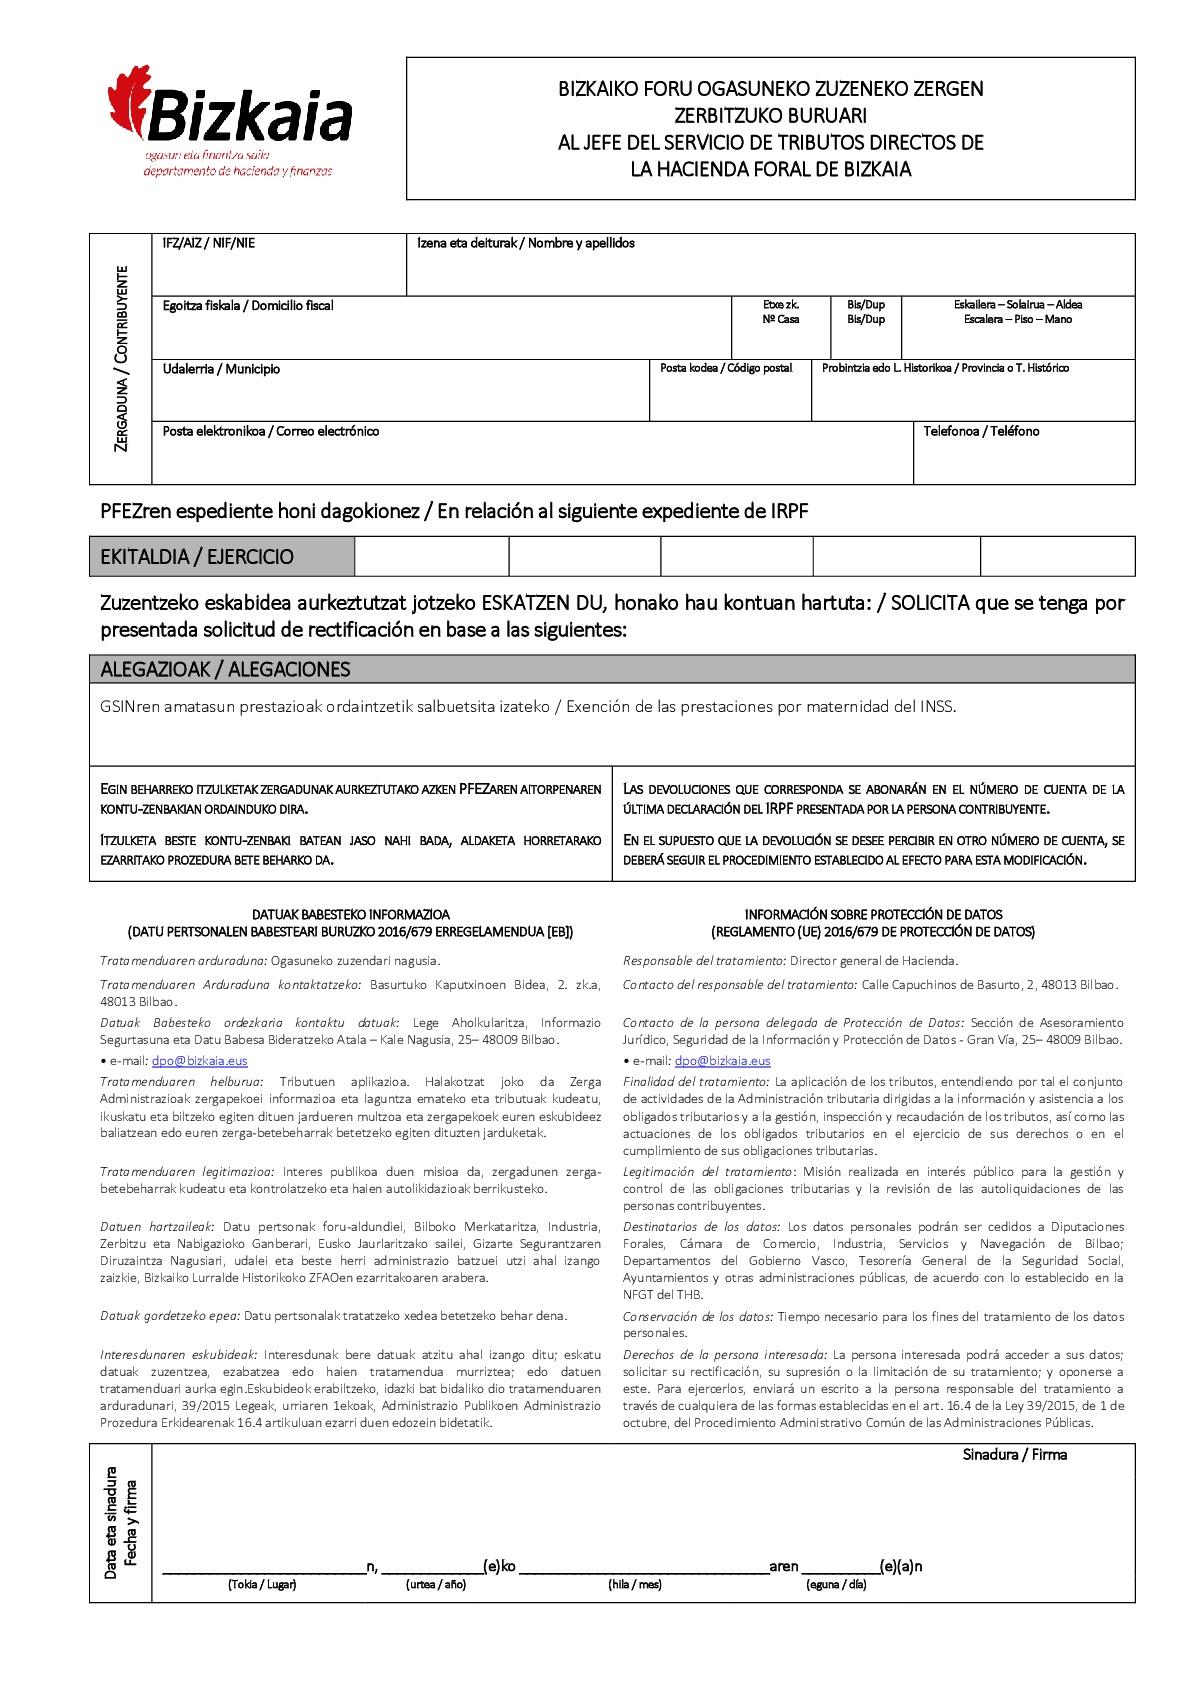 DEVOLUCIÓN de la RETENCIÓN de MATERNIDAD - modelo Bizkaia